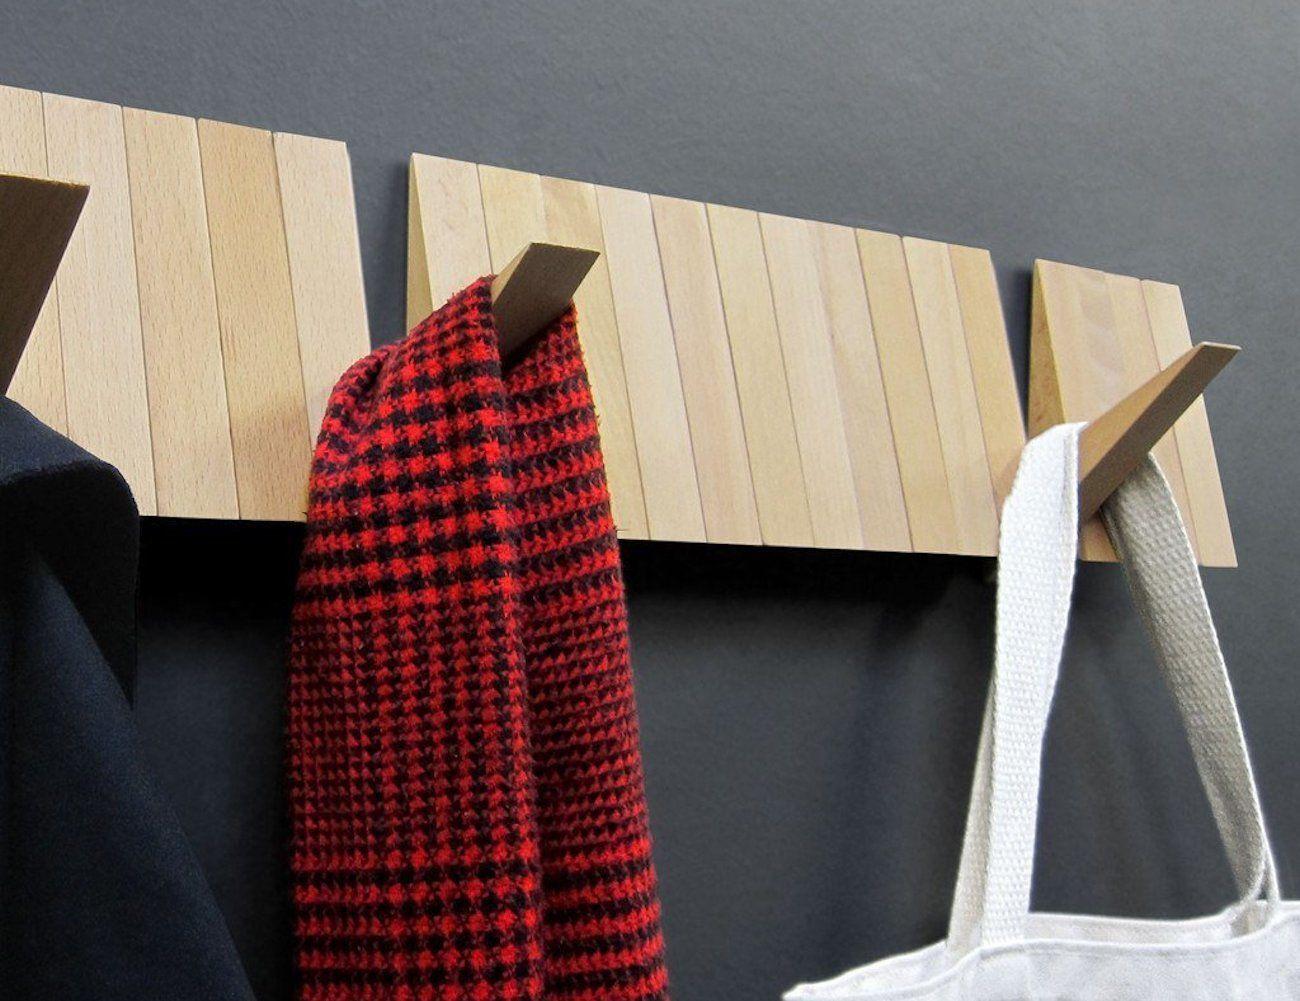 Wall+Mounted+Coat+Rack